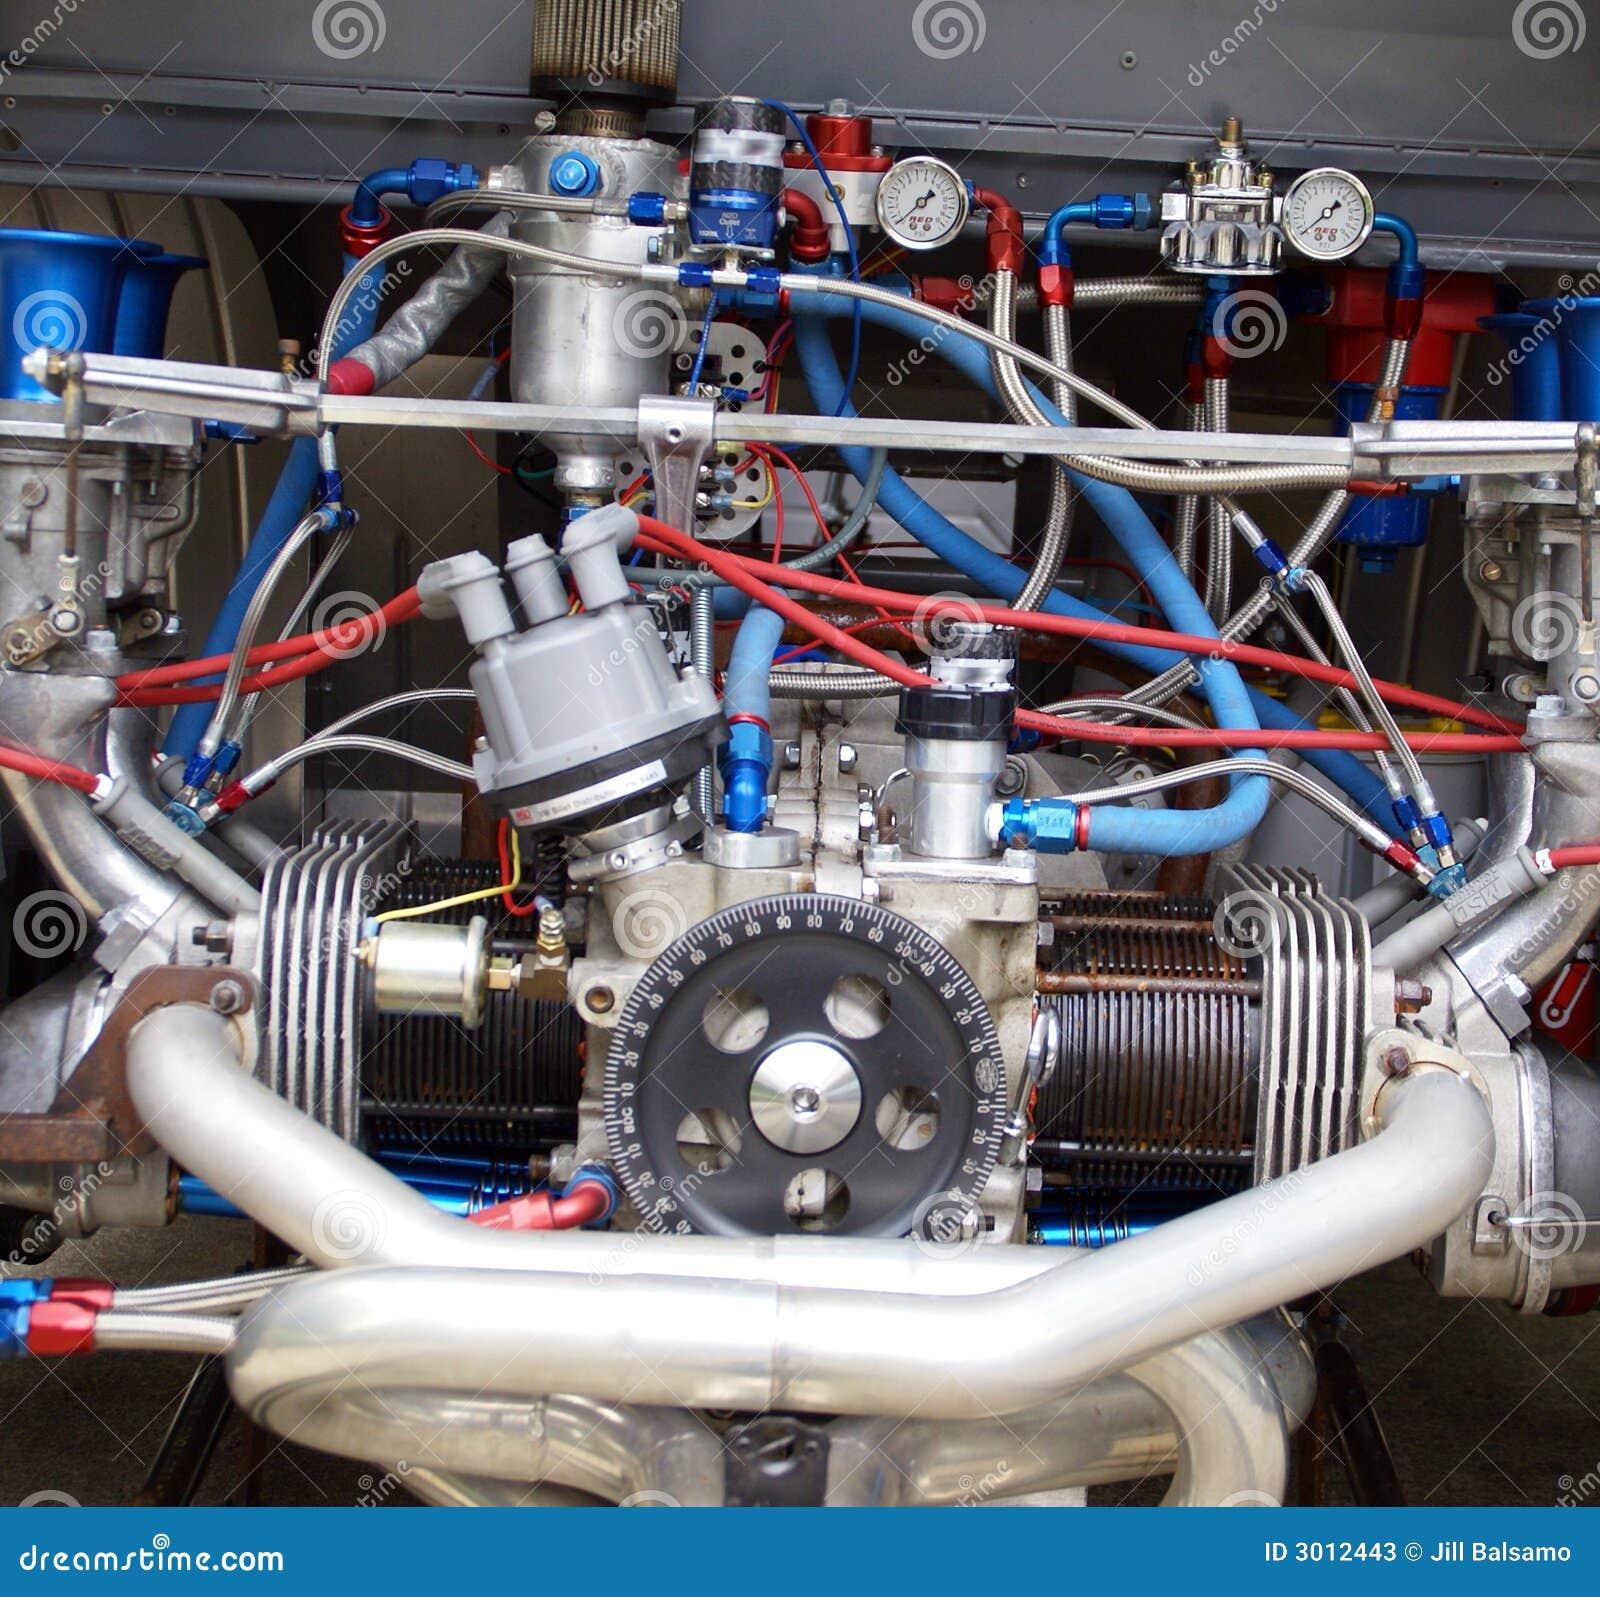 Fricción que compite con el motor